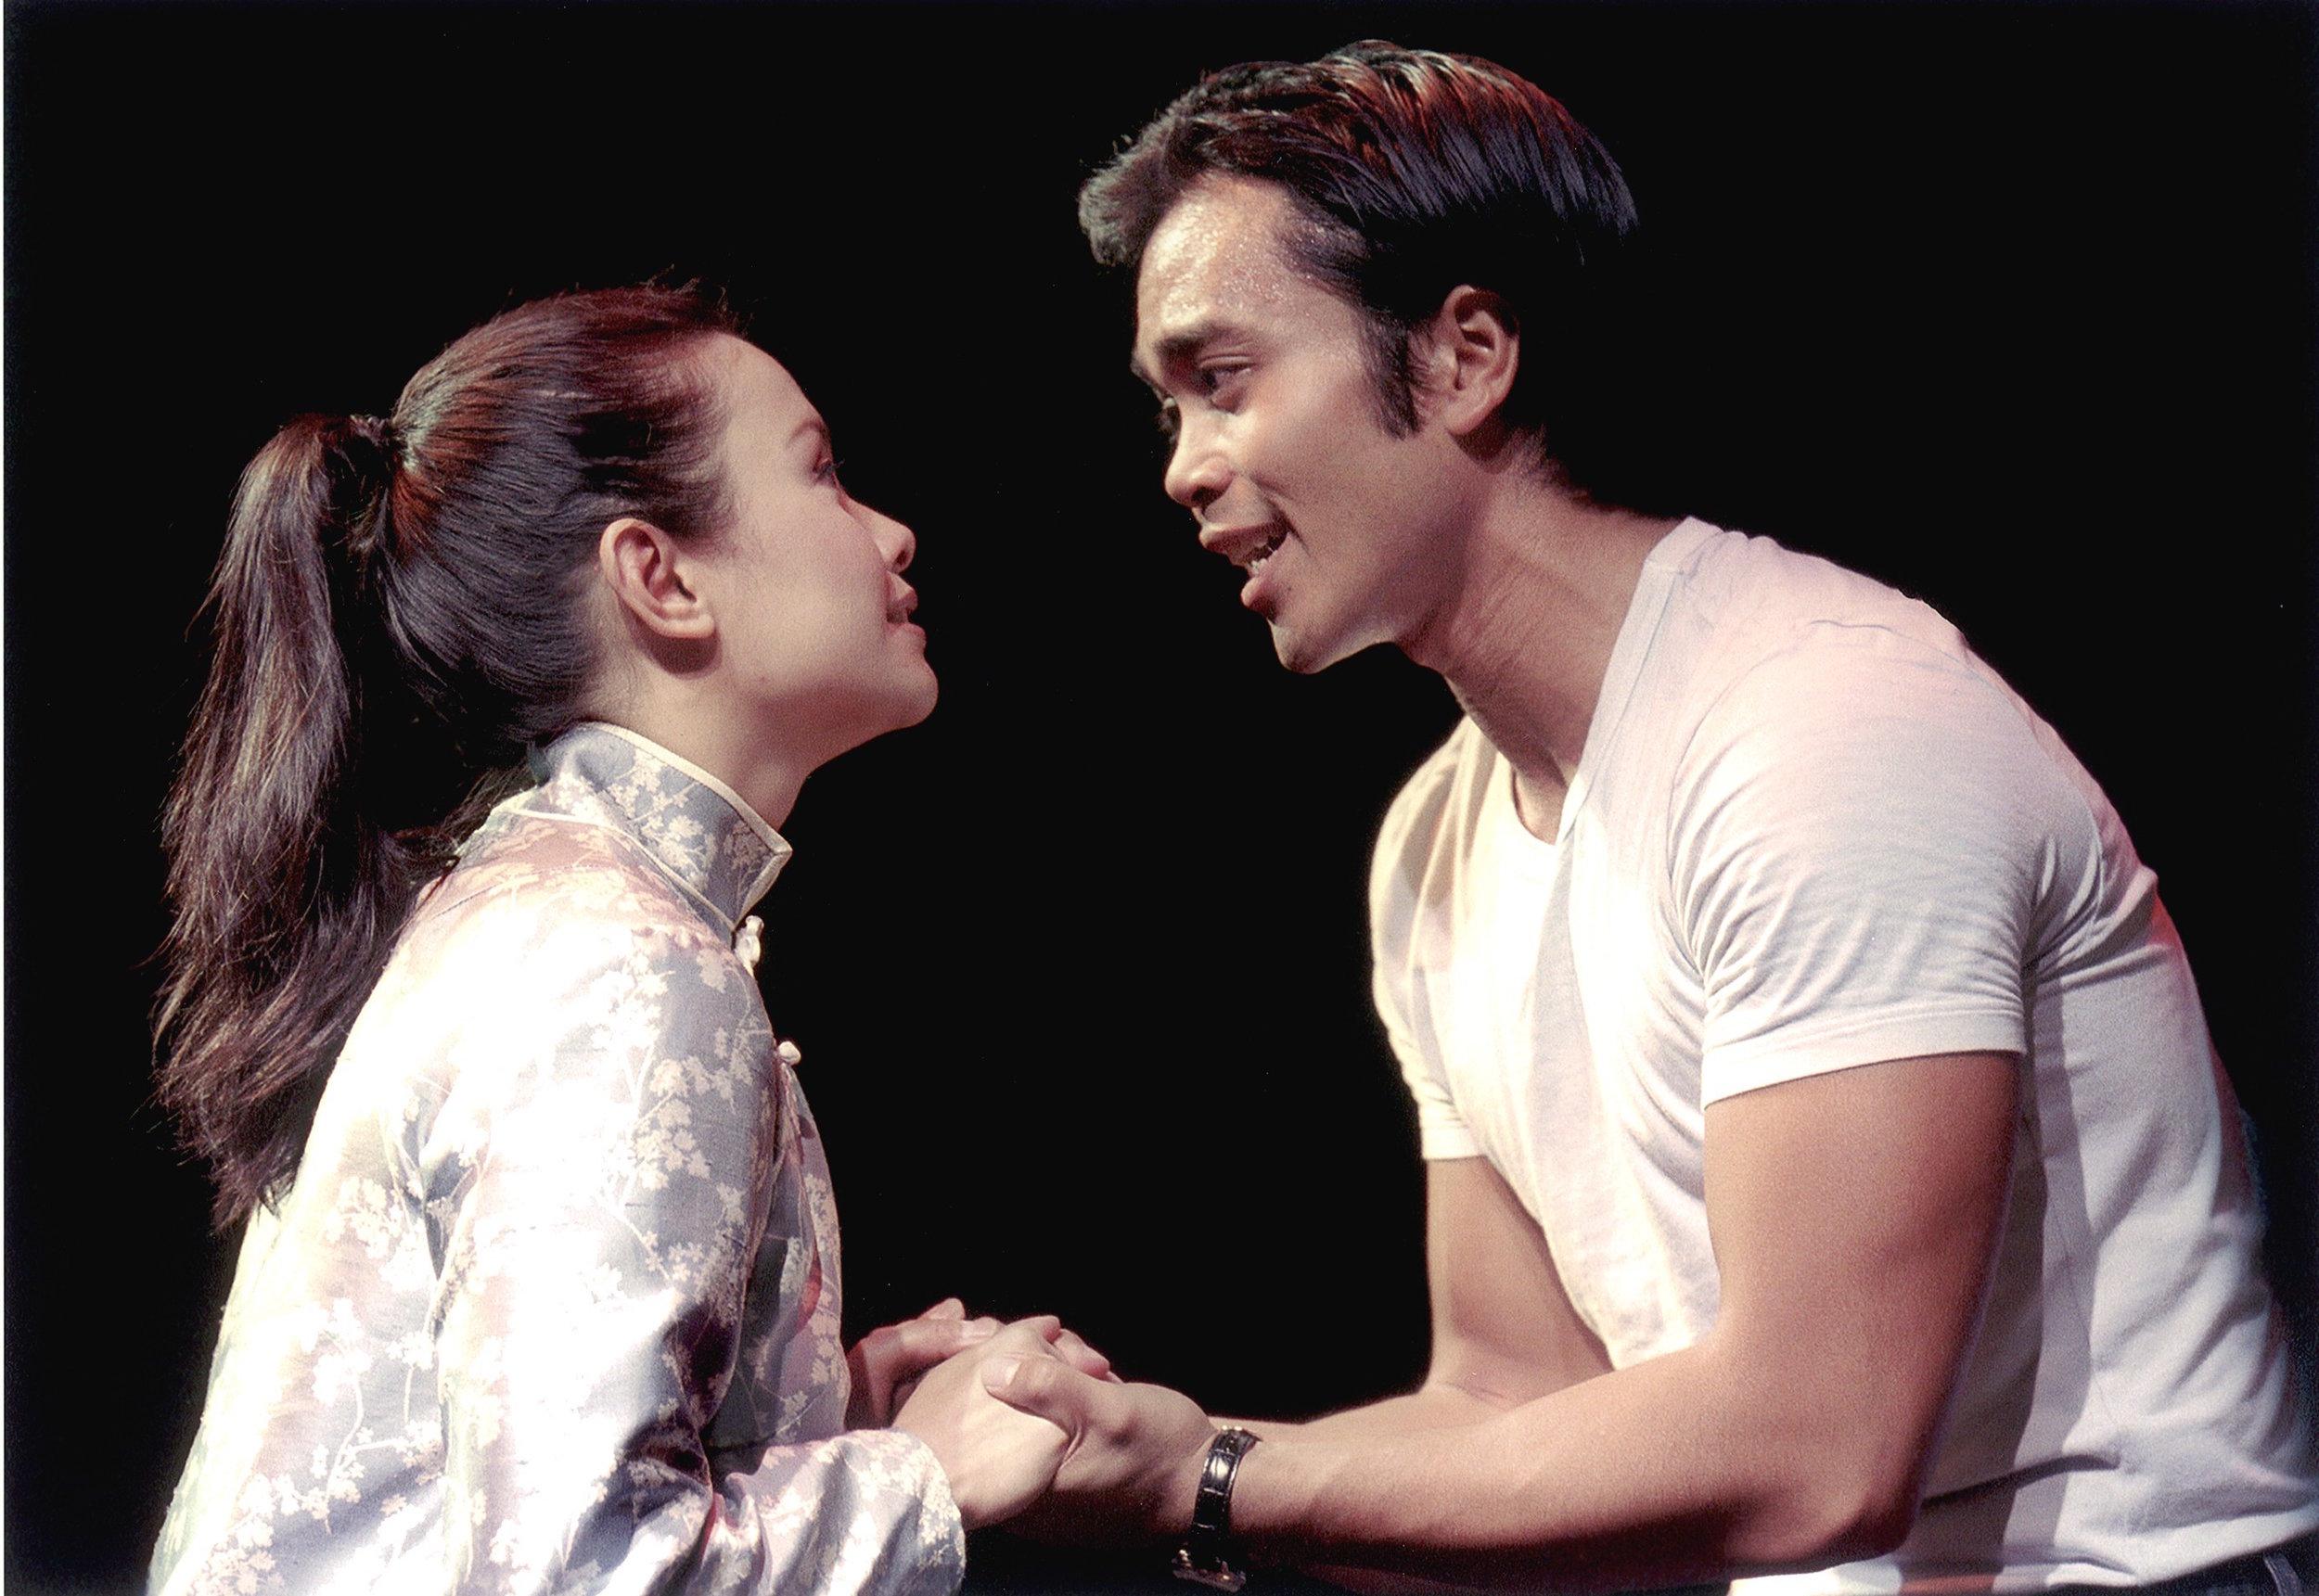 莉雅·萨隆加和Jose Llana。剧照由Craig Schwartz于2001年为马克泰博论坛剧院所摄。